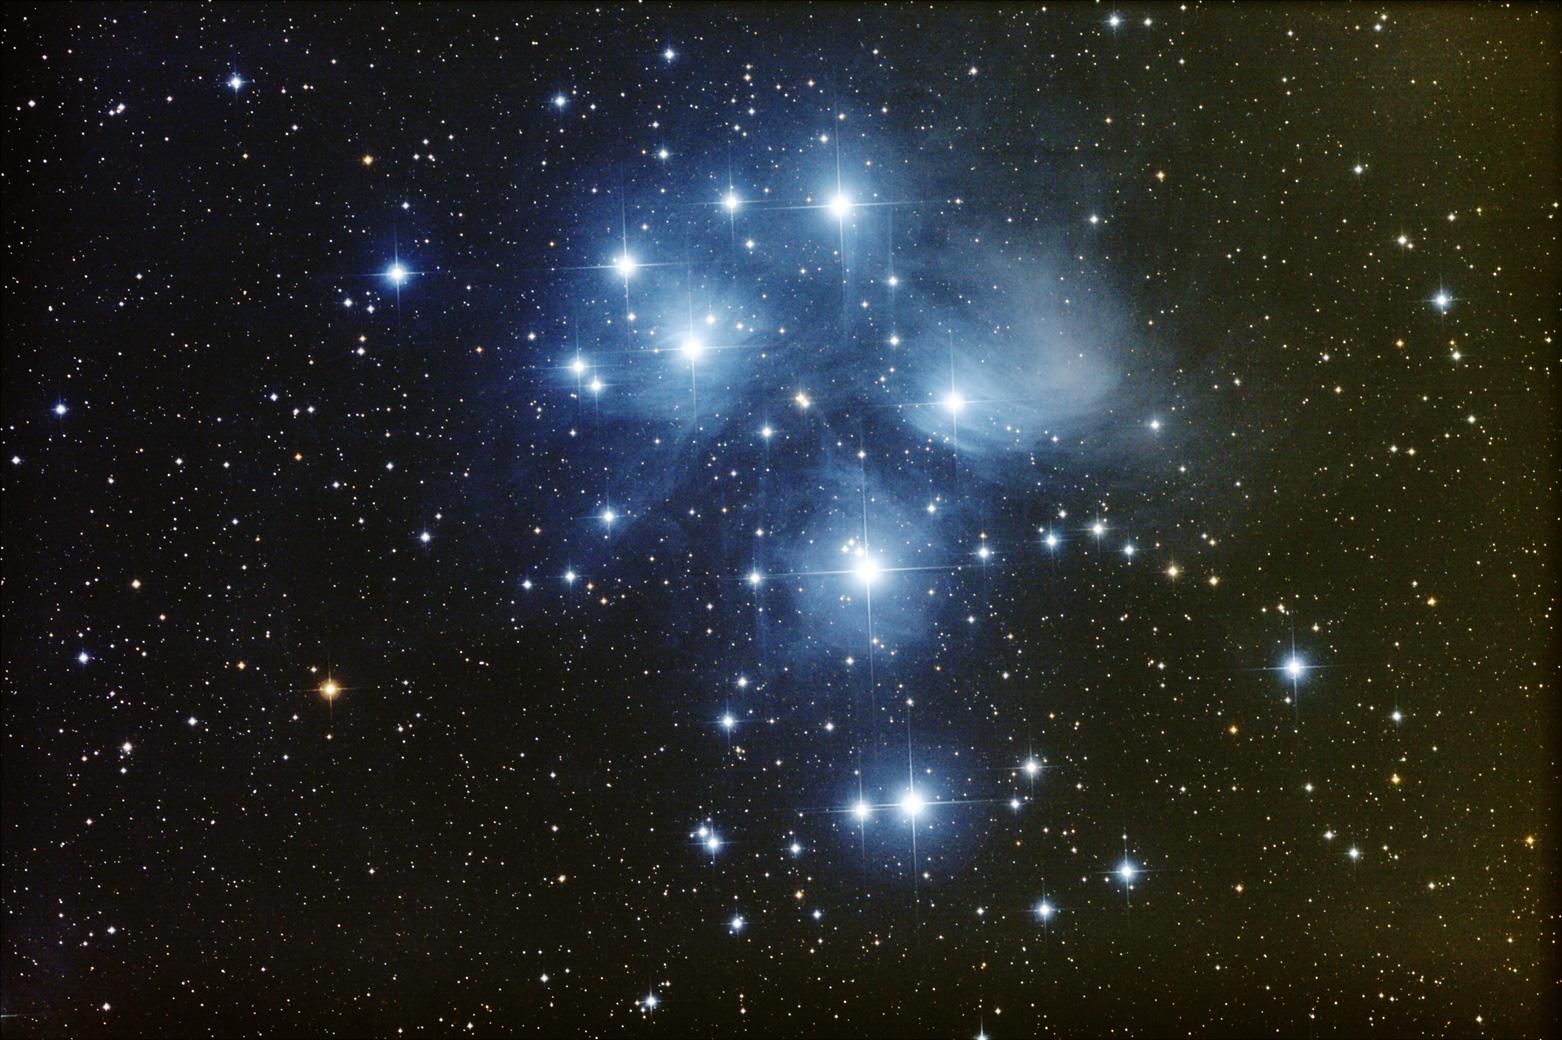 M4512dp